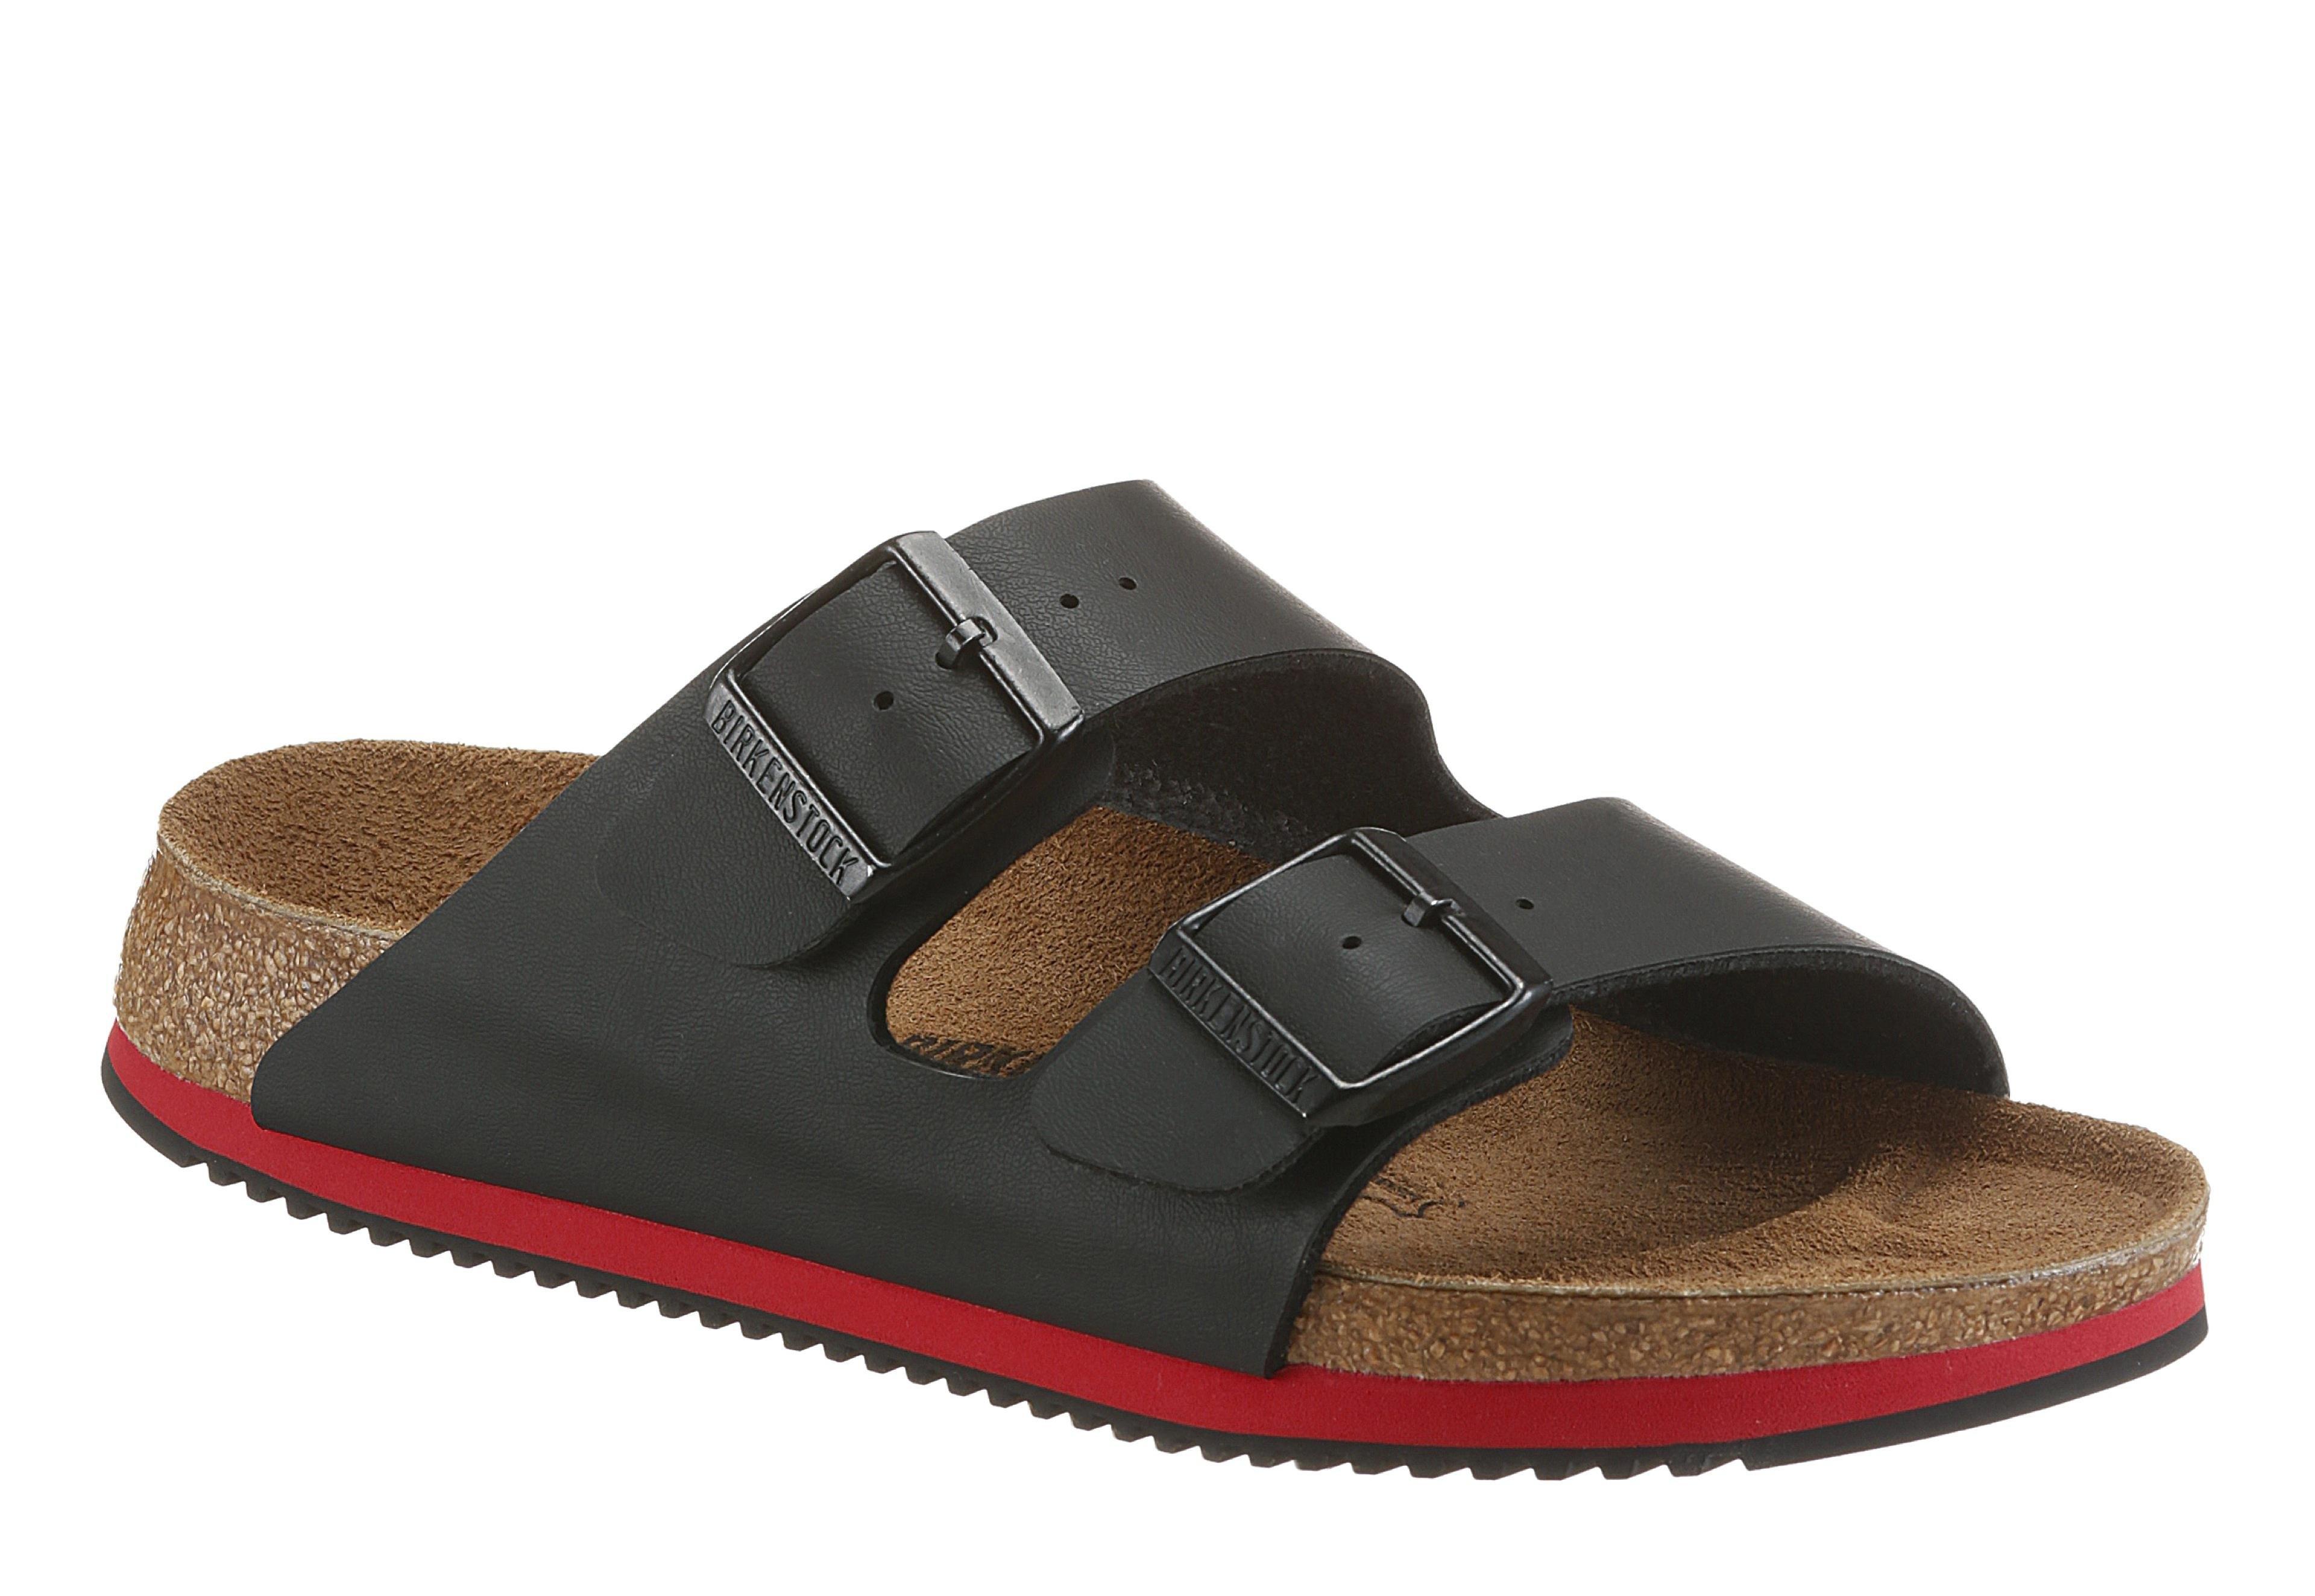 Birkenstock Werkschoenen Arizona SL slippers met olie- en vetbestendige grip-loopzool veilig op otto.nl kopen